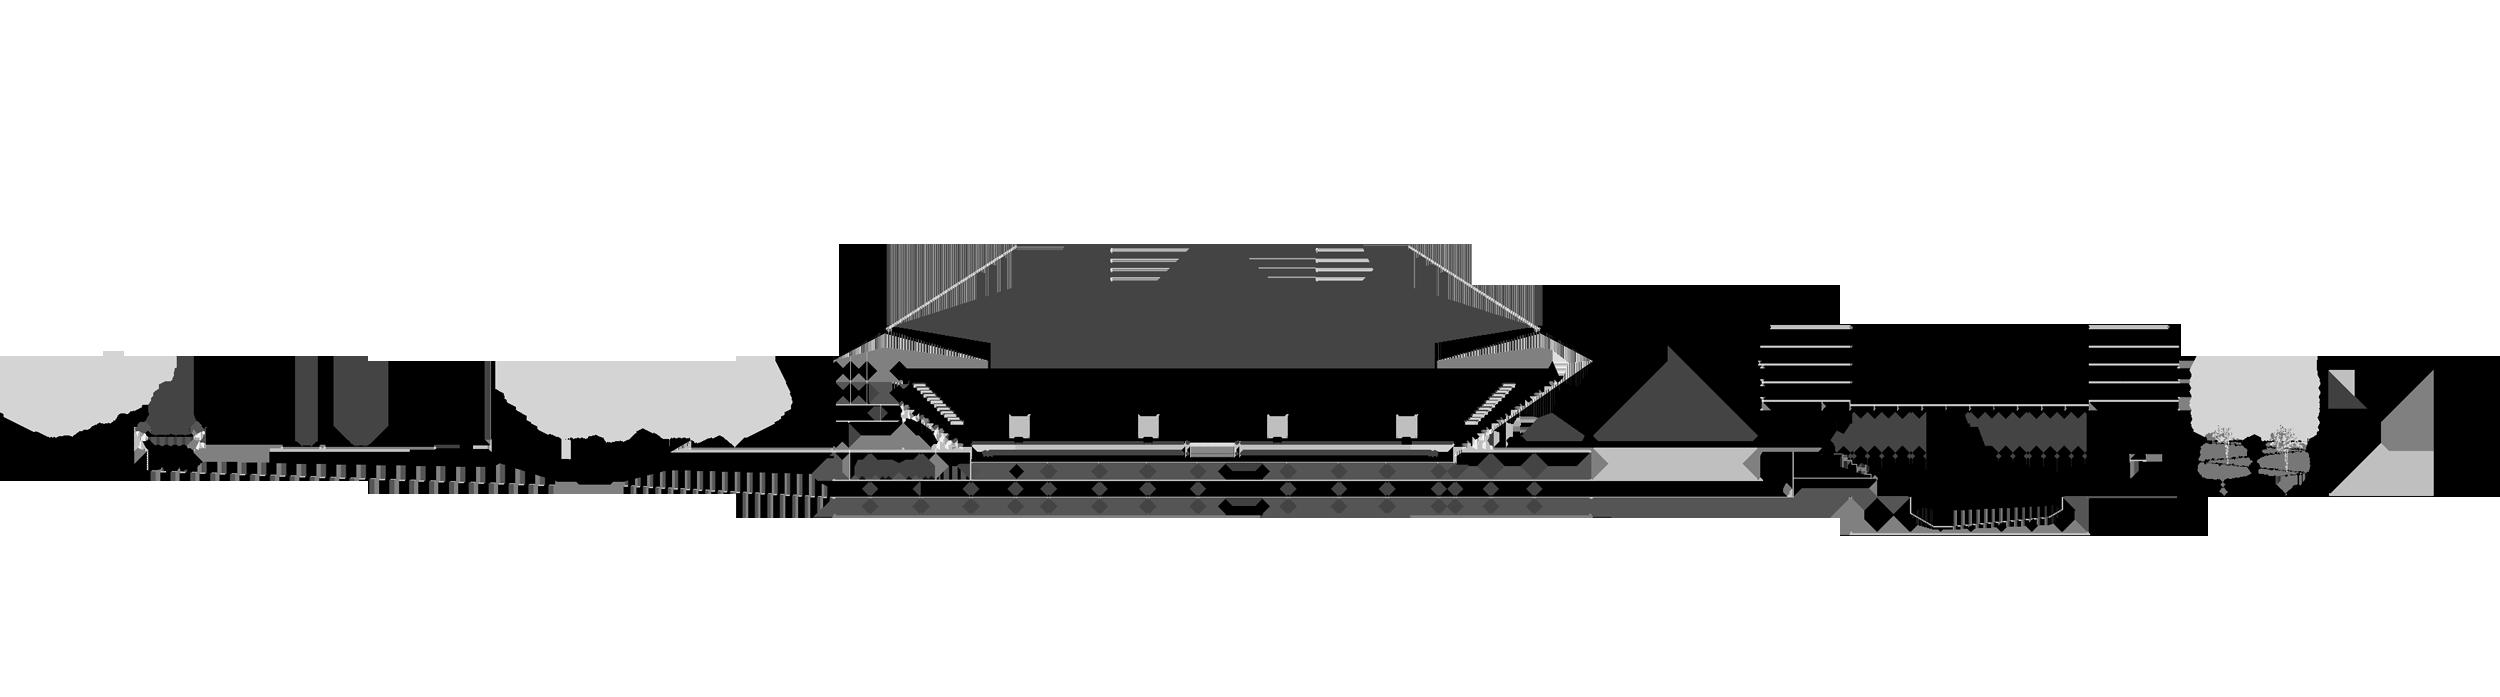 Schnitt Stadion - Schwimmhalle